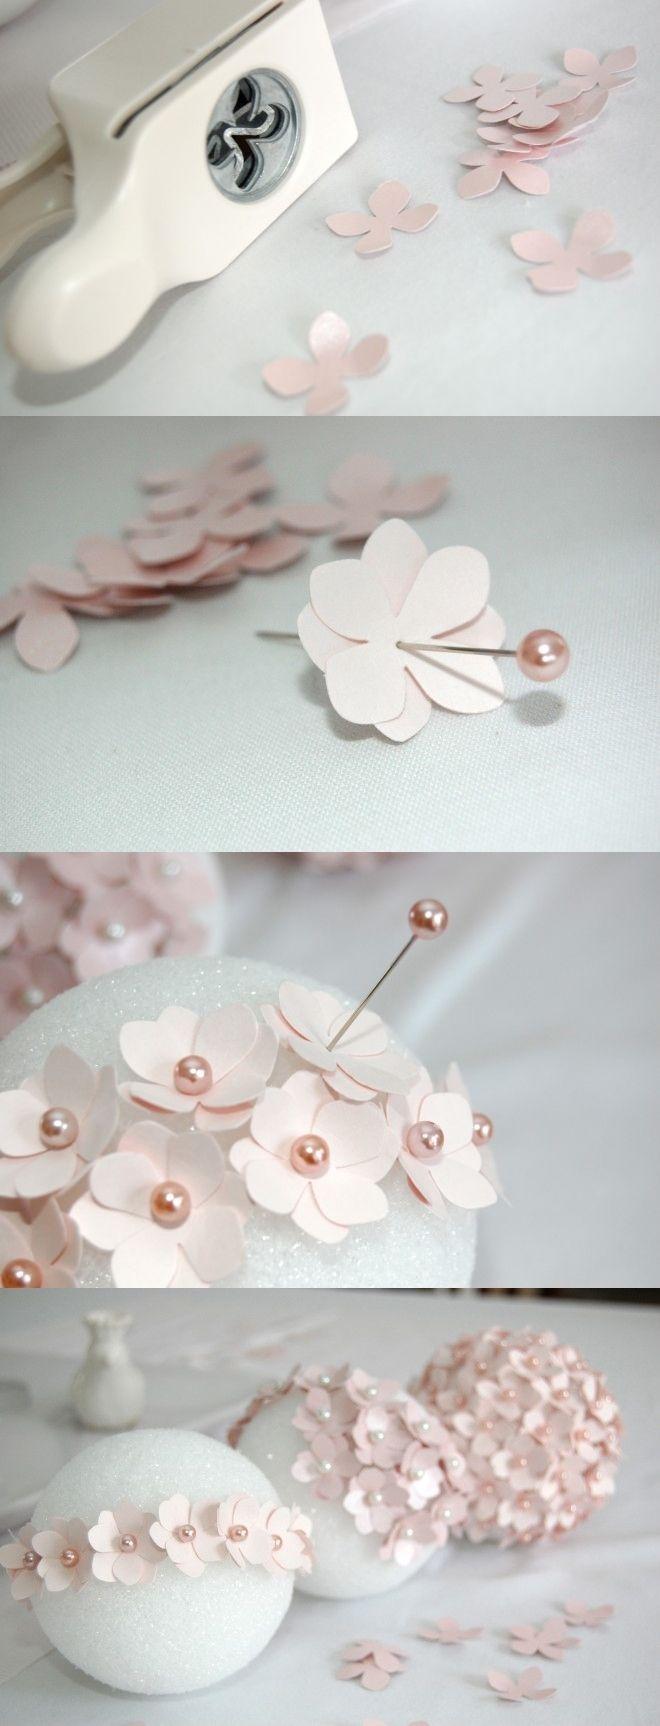 DIY esfera con flores para decorar primera comunión | Decoración 2.0